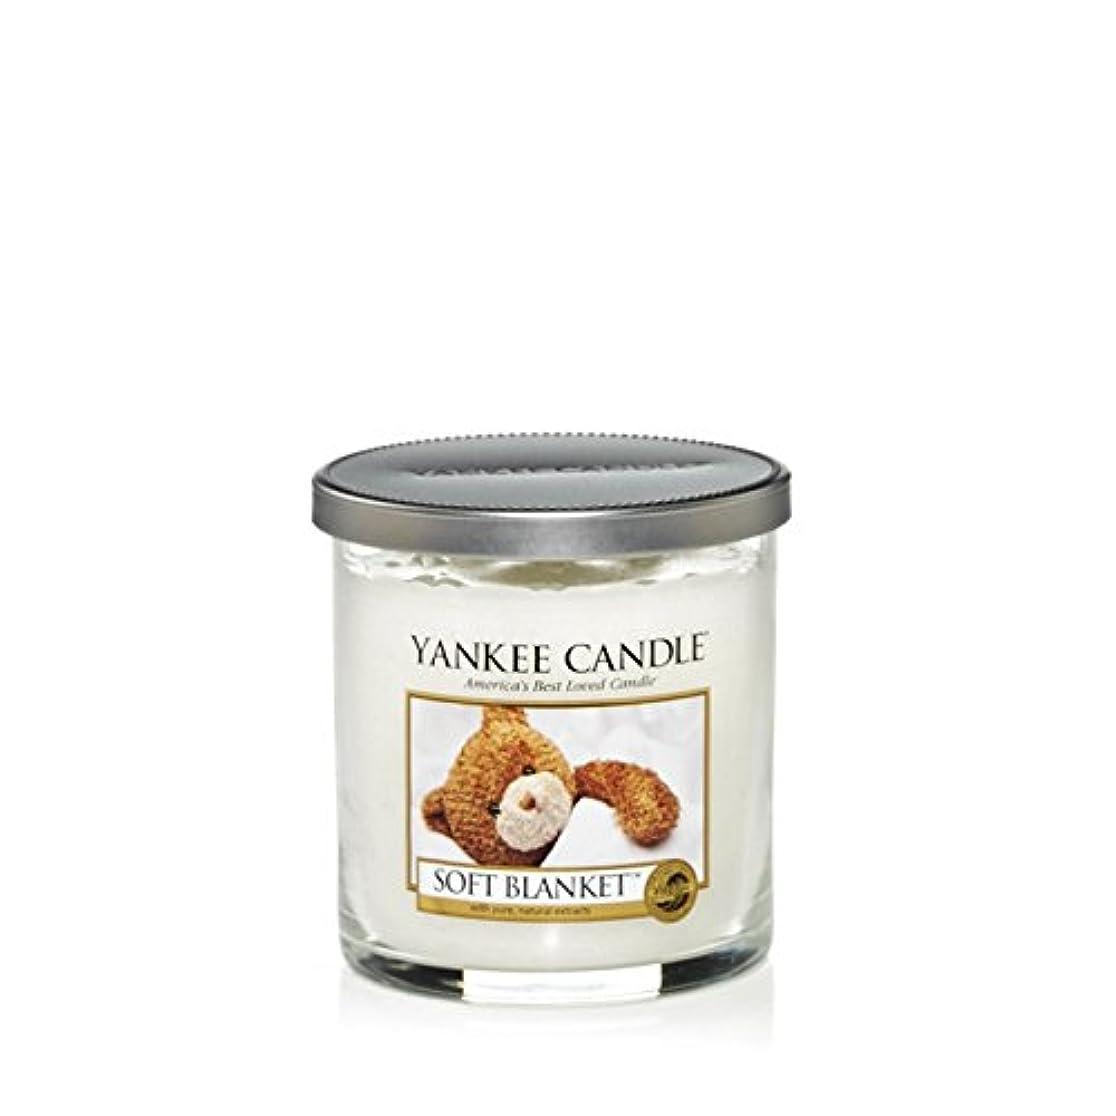 前売トリッキー午後Yankee Candles Small Pillar Candle - Soft Blanket (Pack of 6) - ヤンキーキャンドルの小さな柱キャンドル - ソフト毛布 (x6) [並行輸入品]